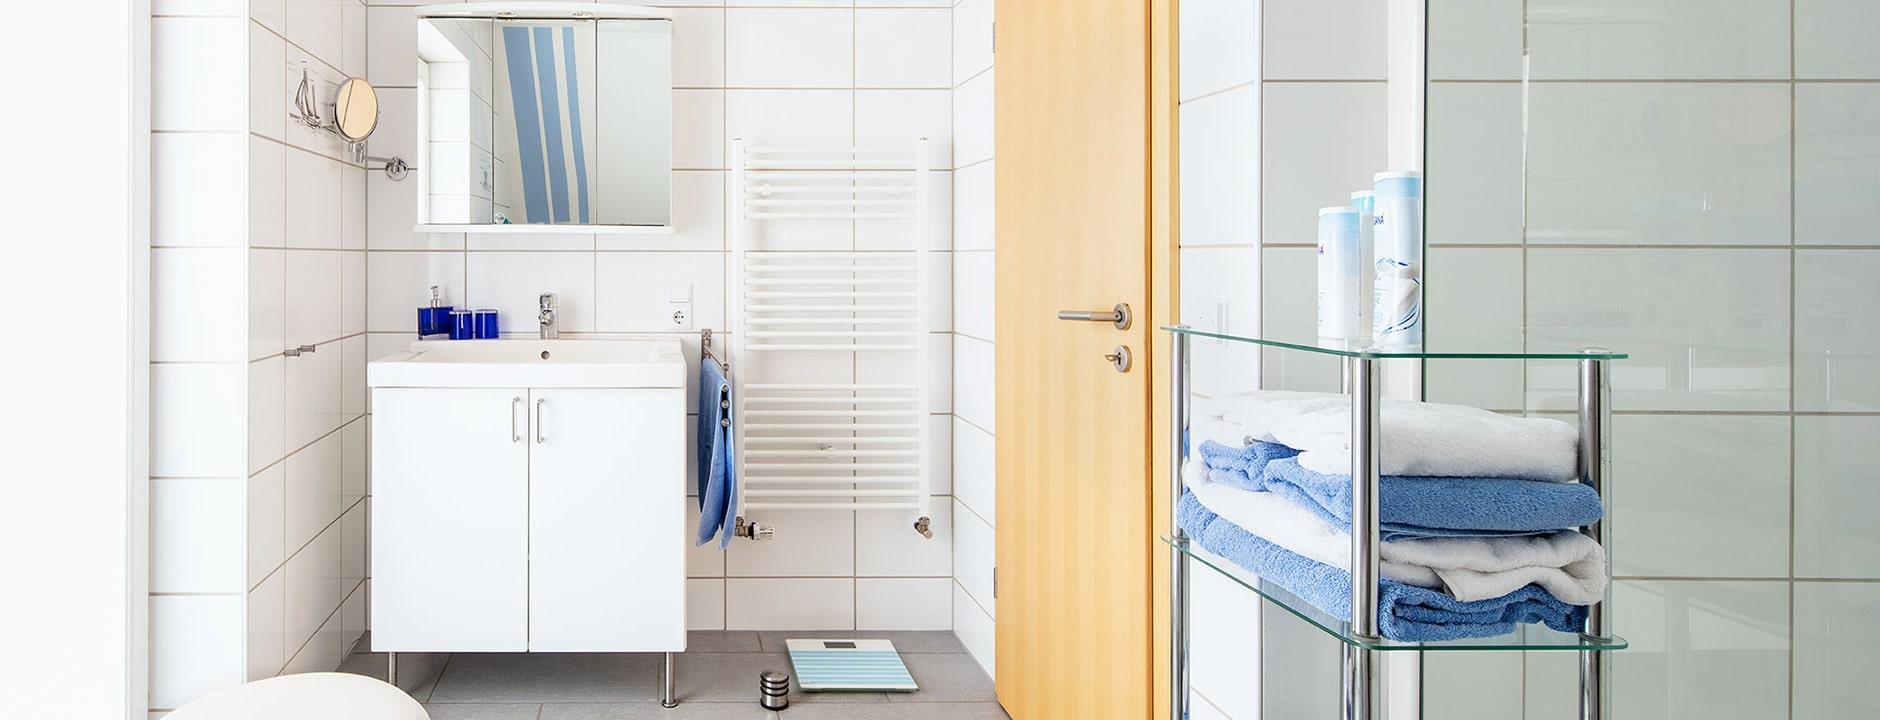 Zwei helle Tageslichtbäder mit Dusche und Badewanne